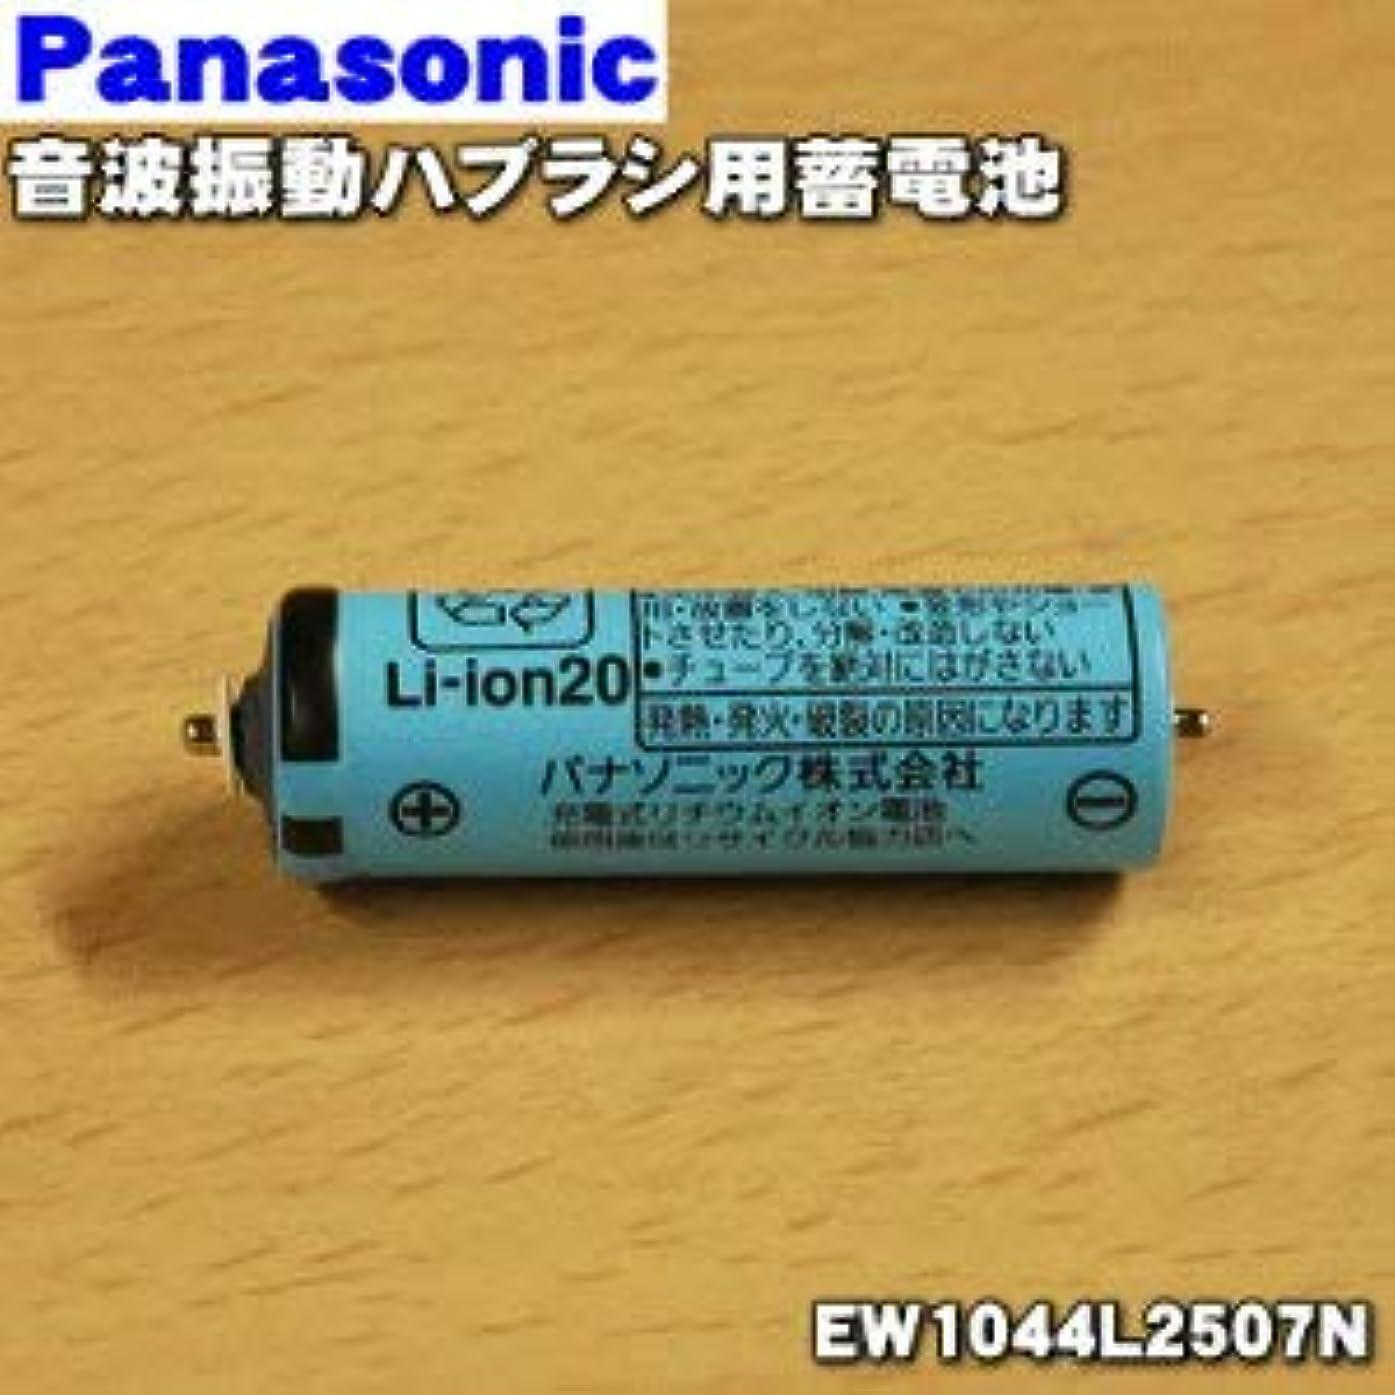 有能な常に平衡【ゆうパケット対応品】 パナソニック Panasonic 音波振動ハブラシ Doltz 蓄電池交換用蓄電池 EW1044L2507N